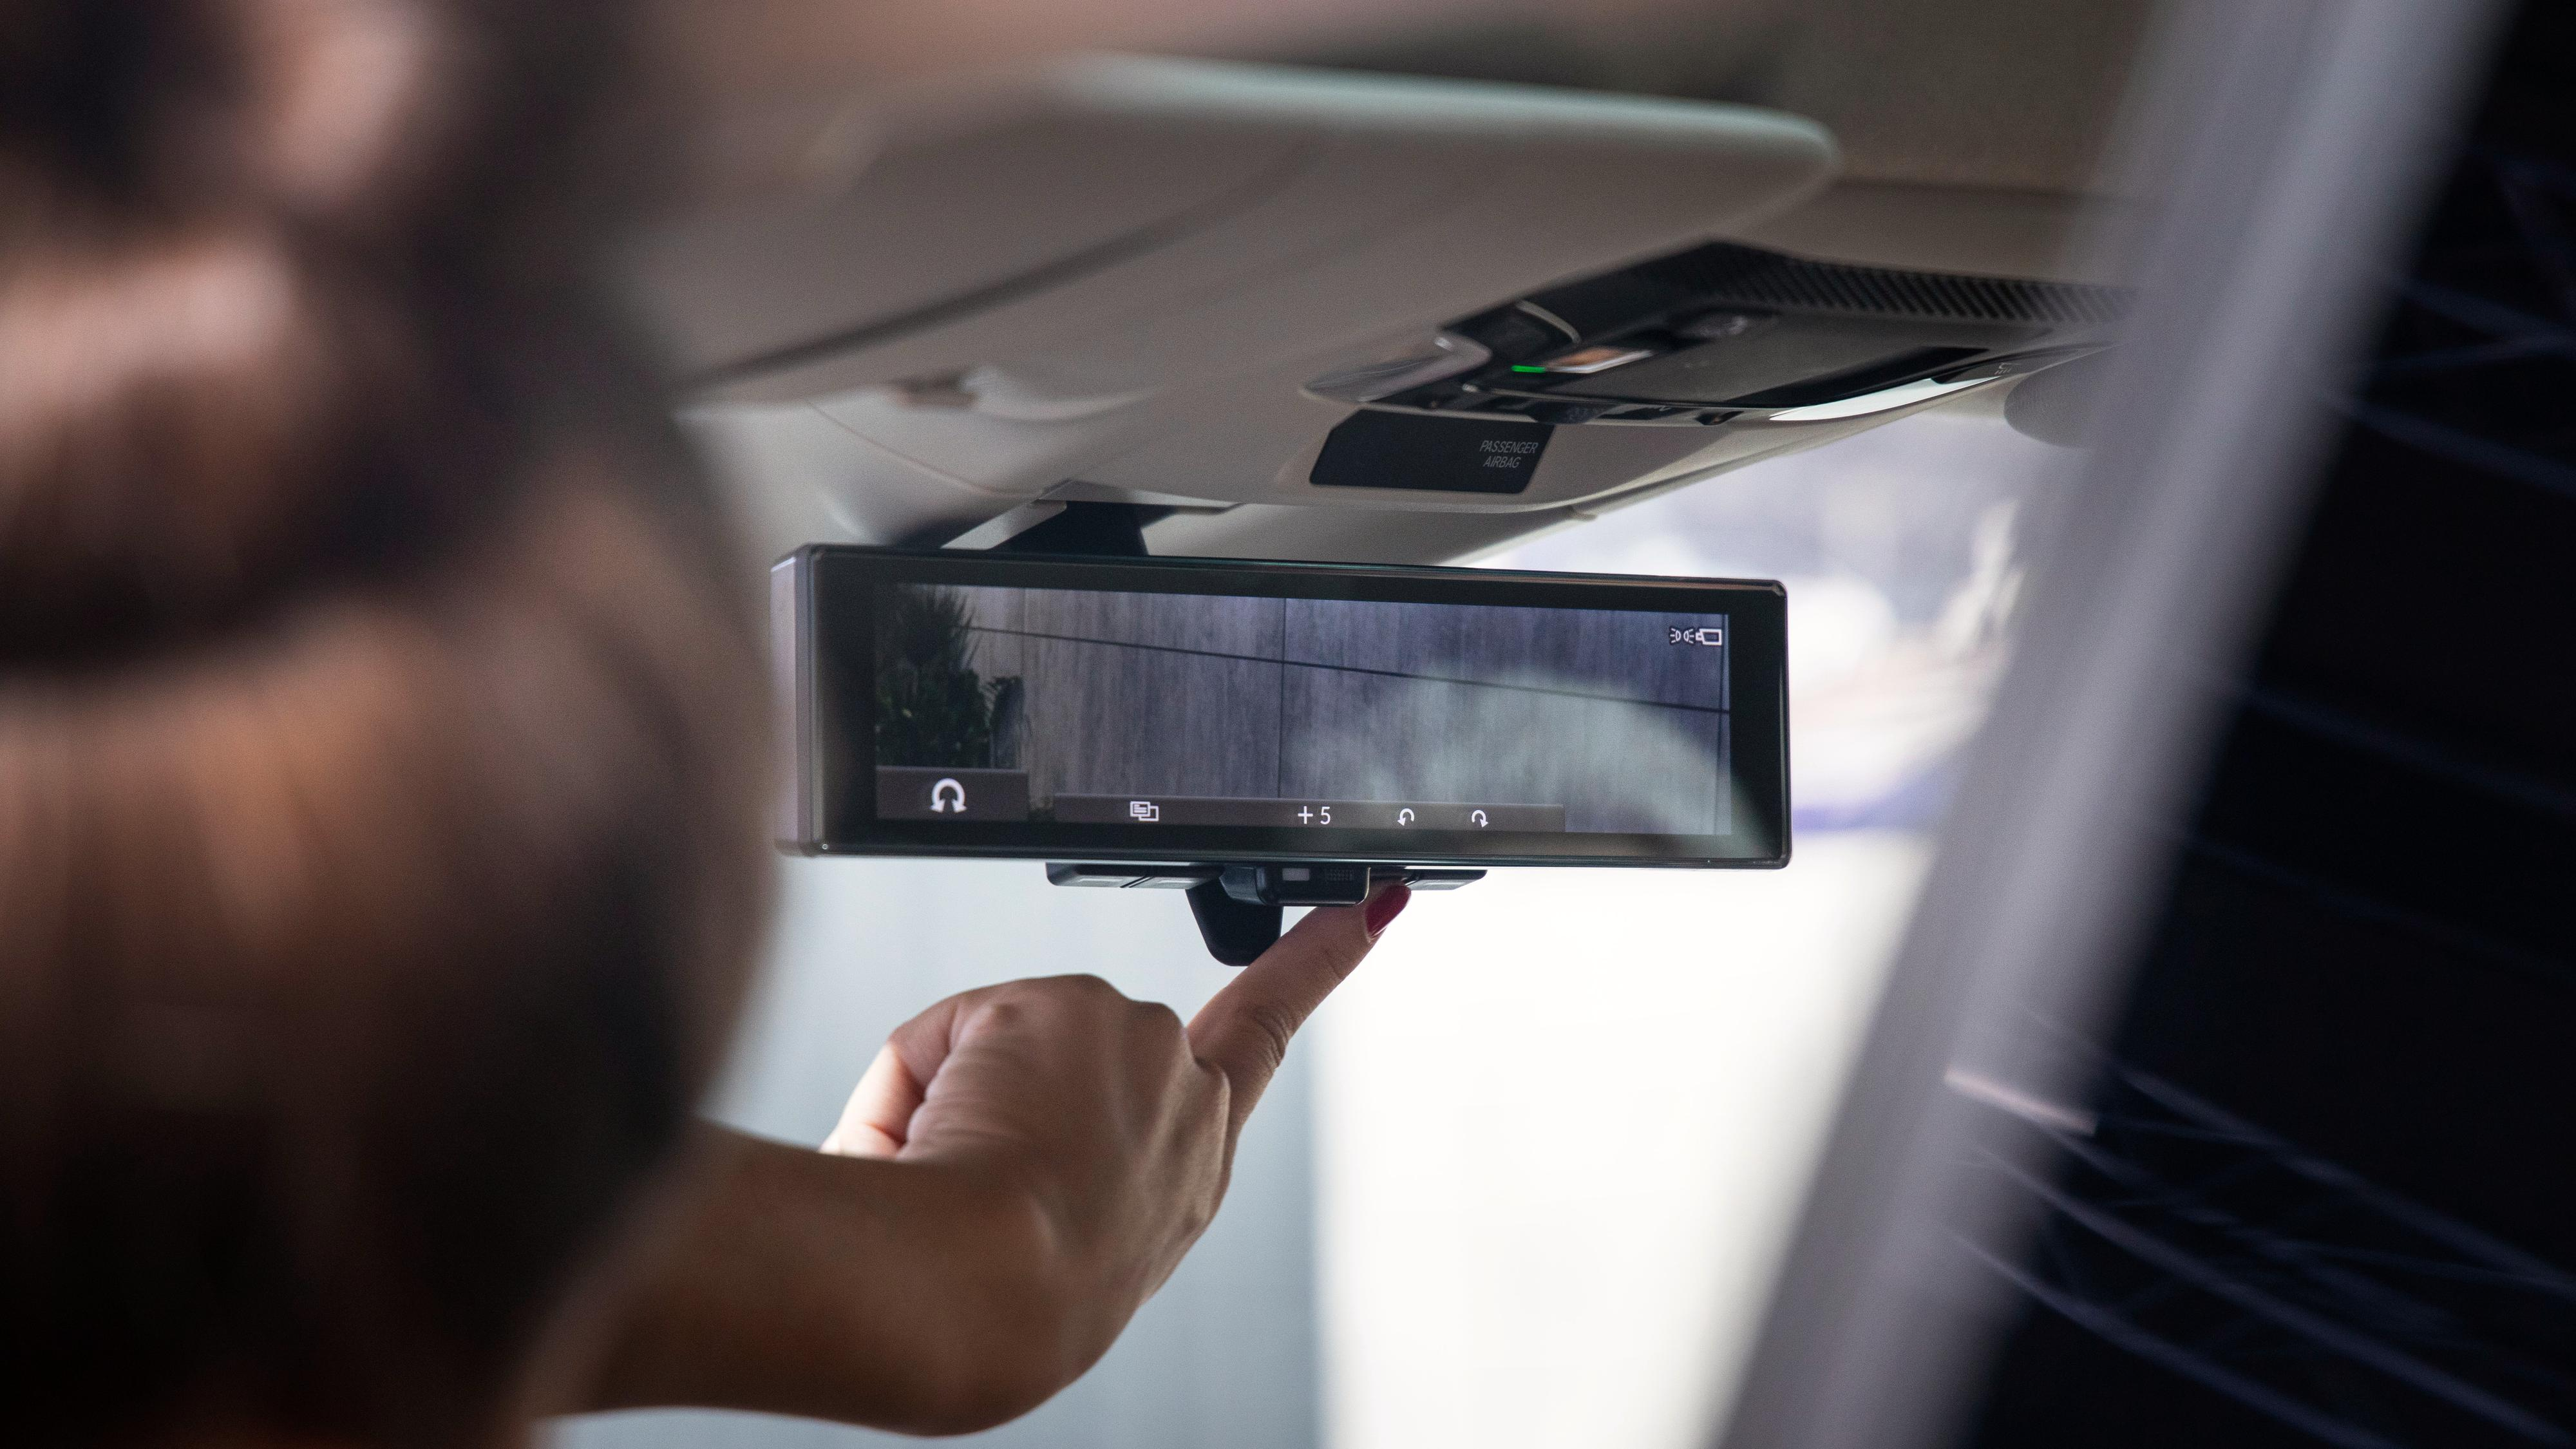 Både sidespeilene og bakspeilet på Honda e er erstattet med kameraer utvendig og skjermer innvendig.